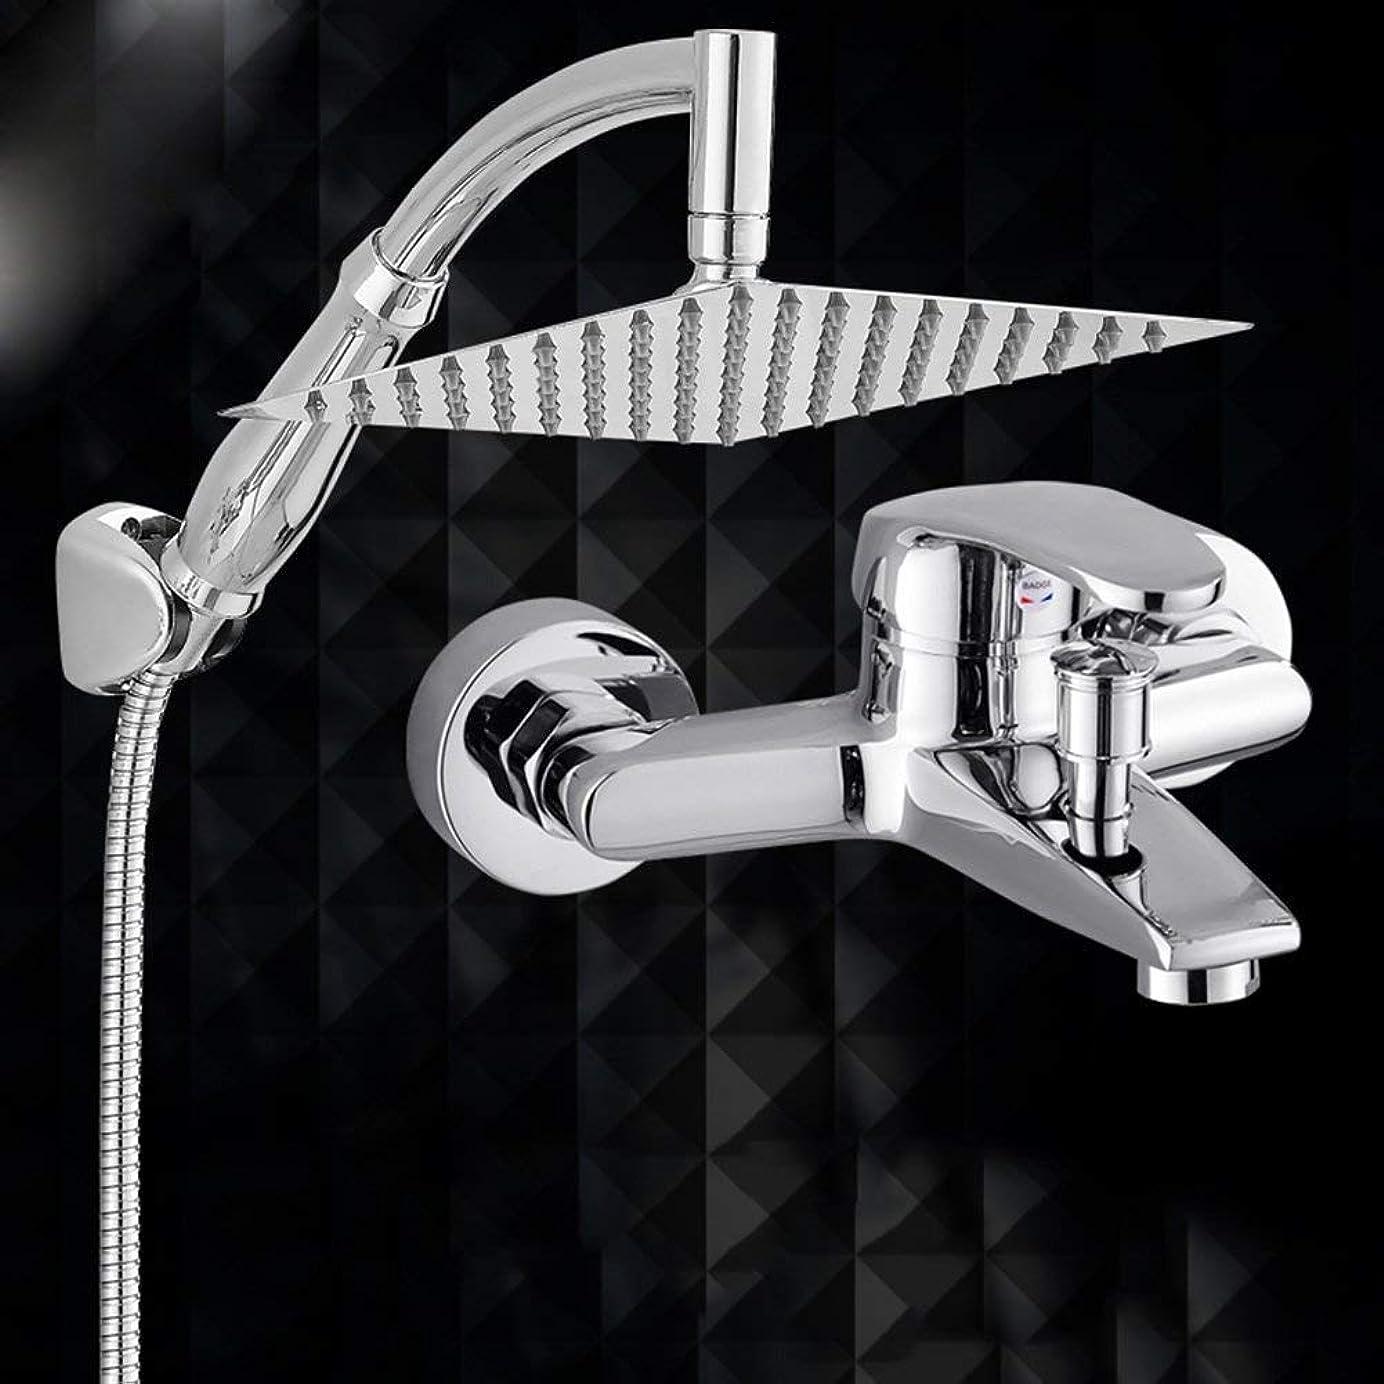 打撃わがまま抽象化実用的なハンドシャワー シャワーを浴びるシャワー浴室を浴びる加圧シャワーヘッドシャワーヘッドノズル加圧レインシャワーハンドヘルドバスシャワーヘッドステンレス鋼と銅材料 (Color : 3)